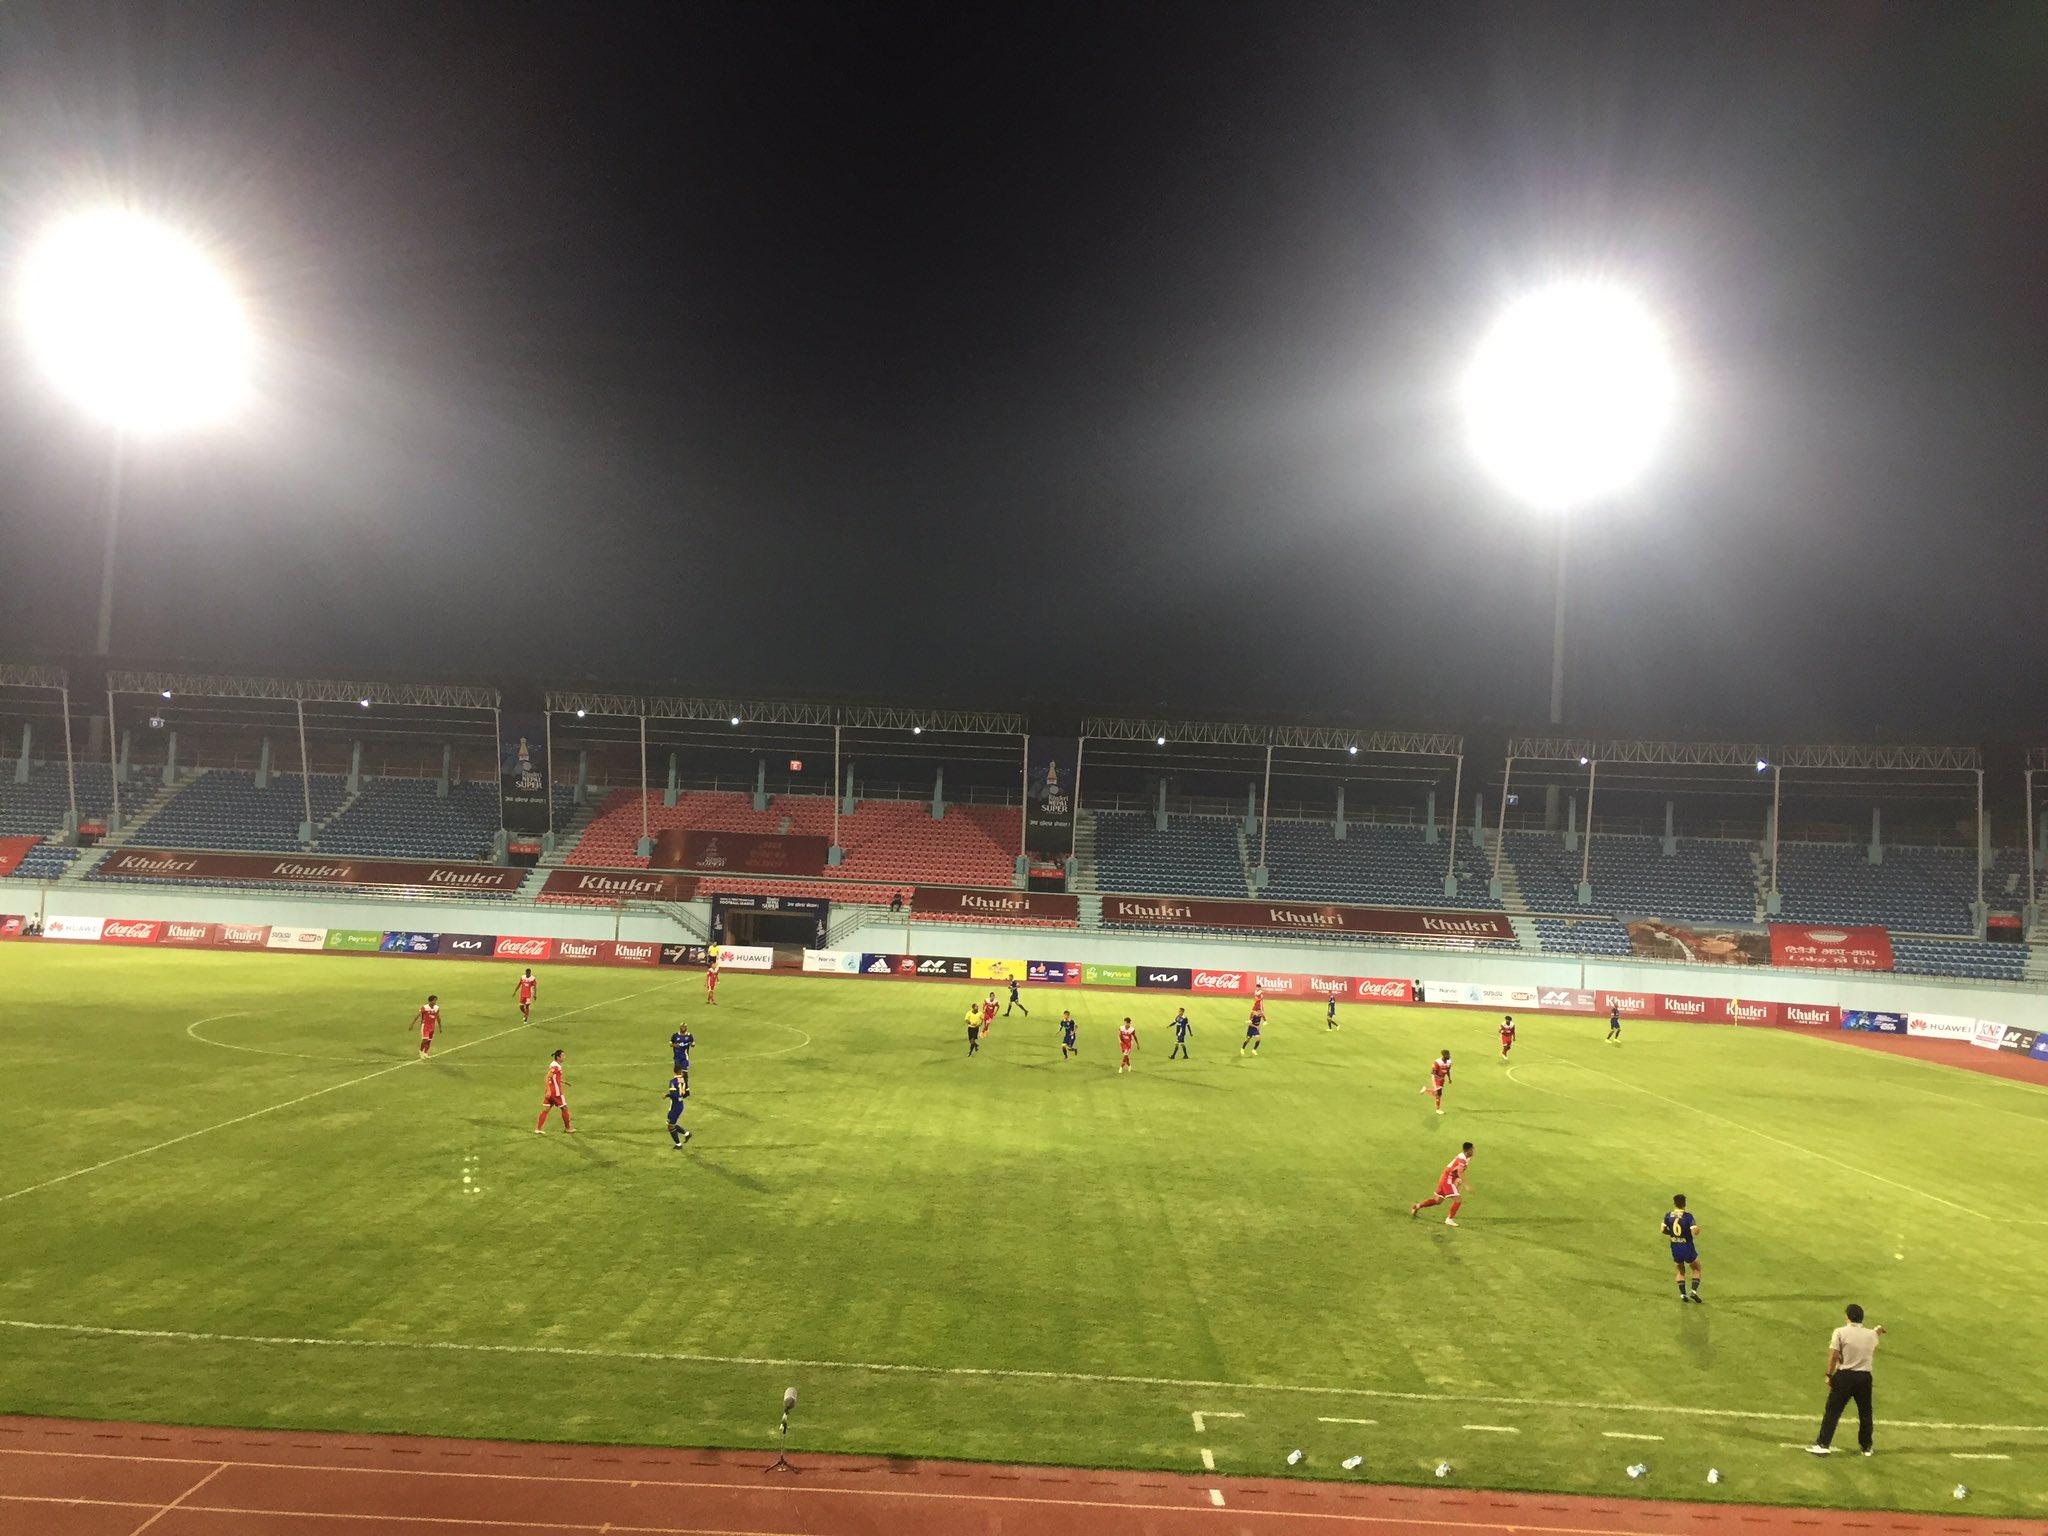 एनएसल फुटबलः धनगढीको पहिलो जित